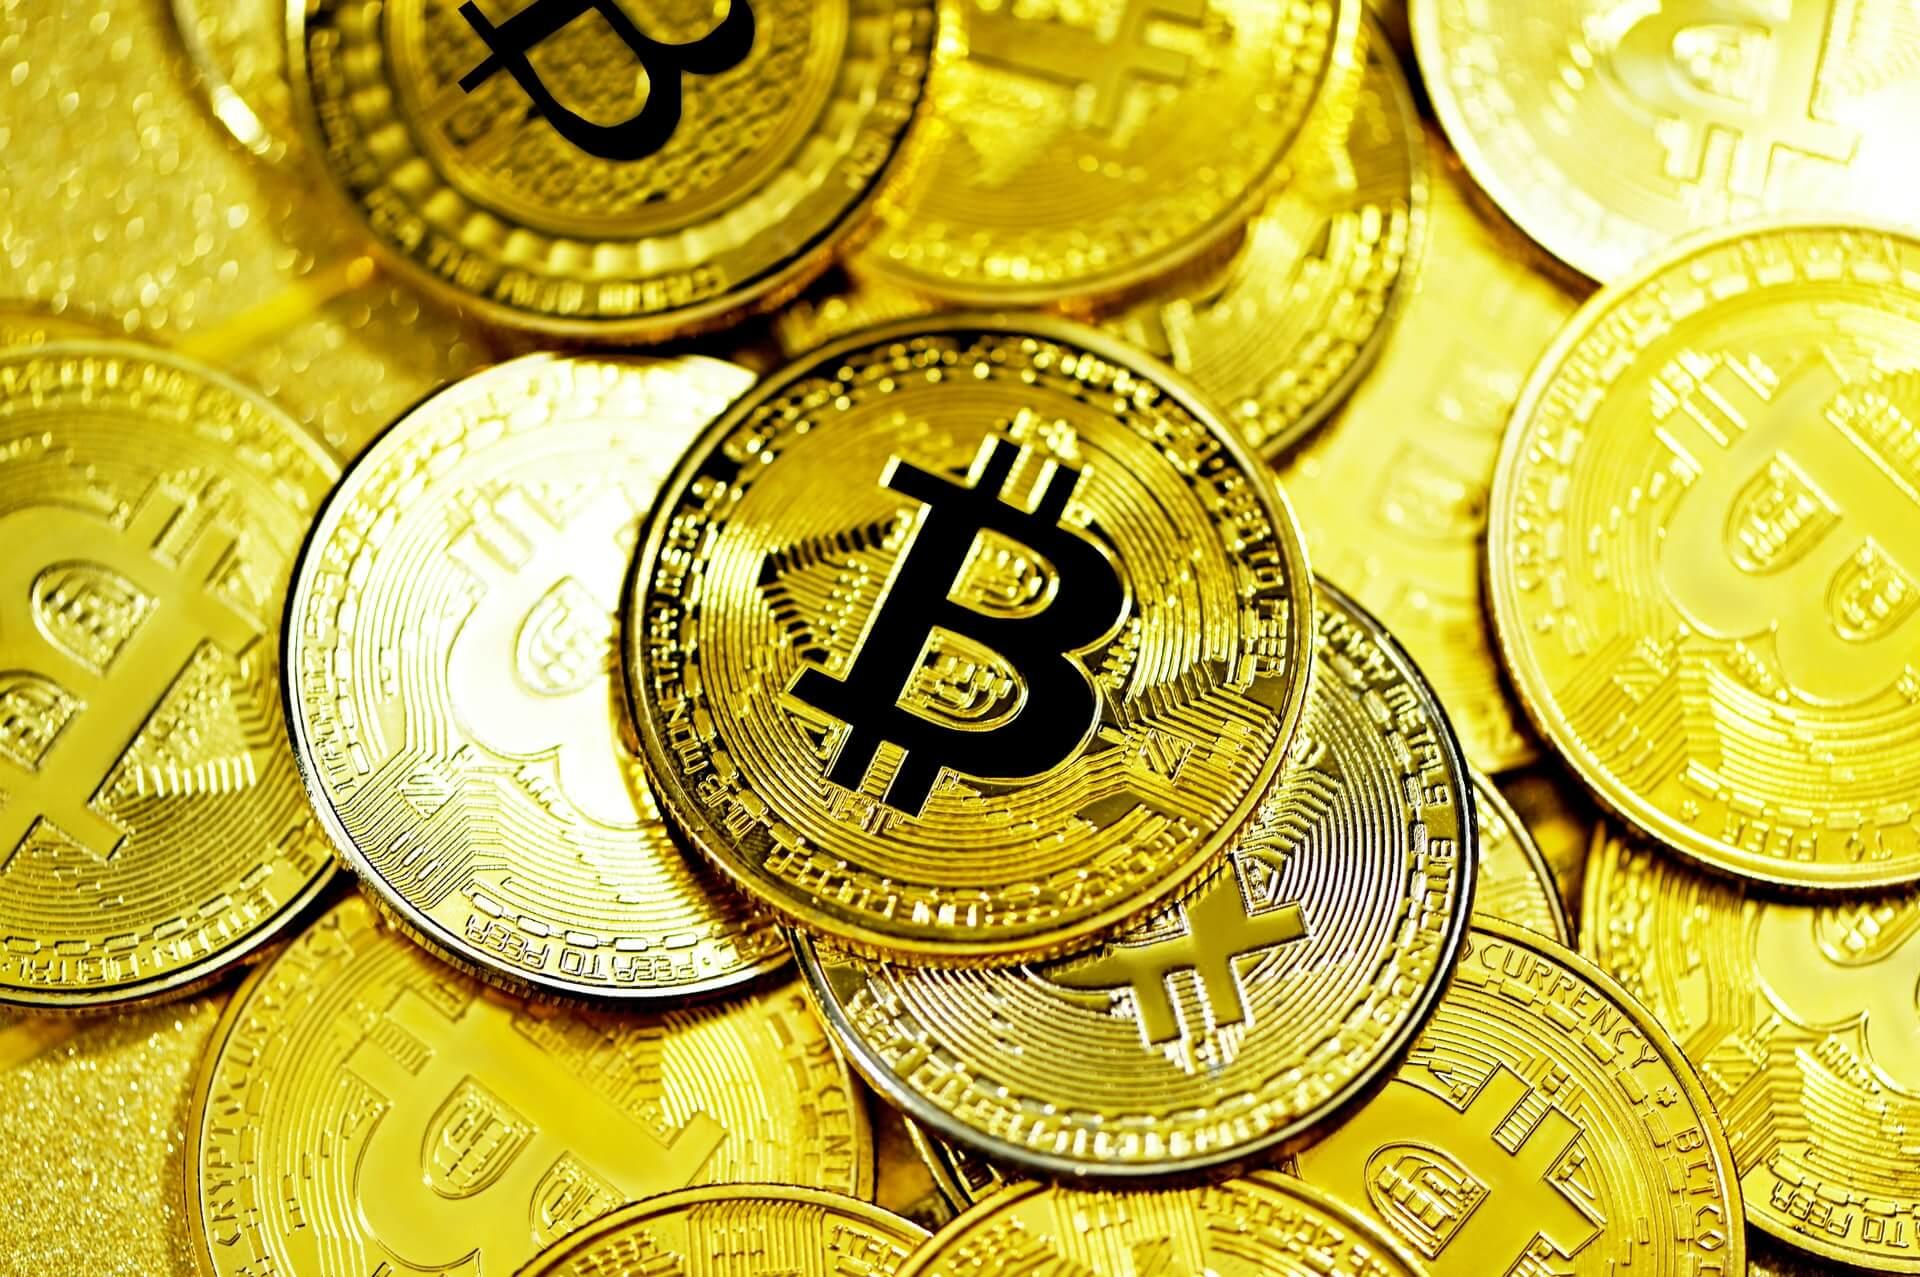 Bitcoin Beste Kryptowährung wird in 28 Tagen ein neues Allzeithoch erreichen – Top-Trader